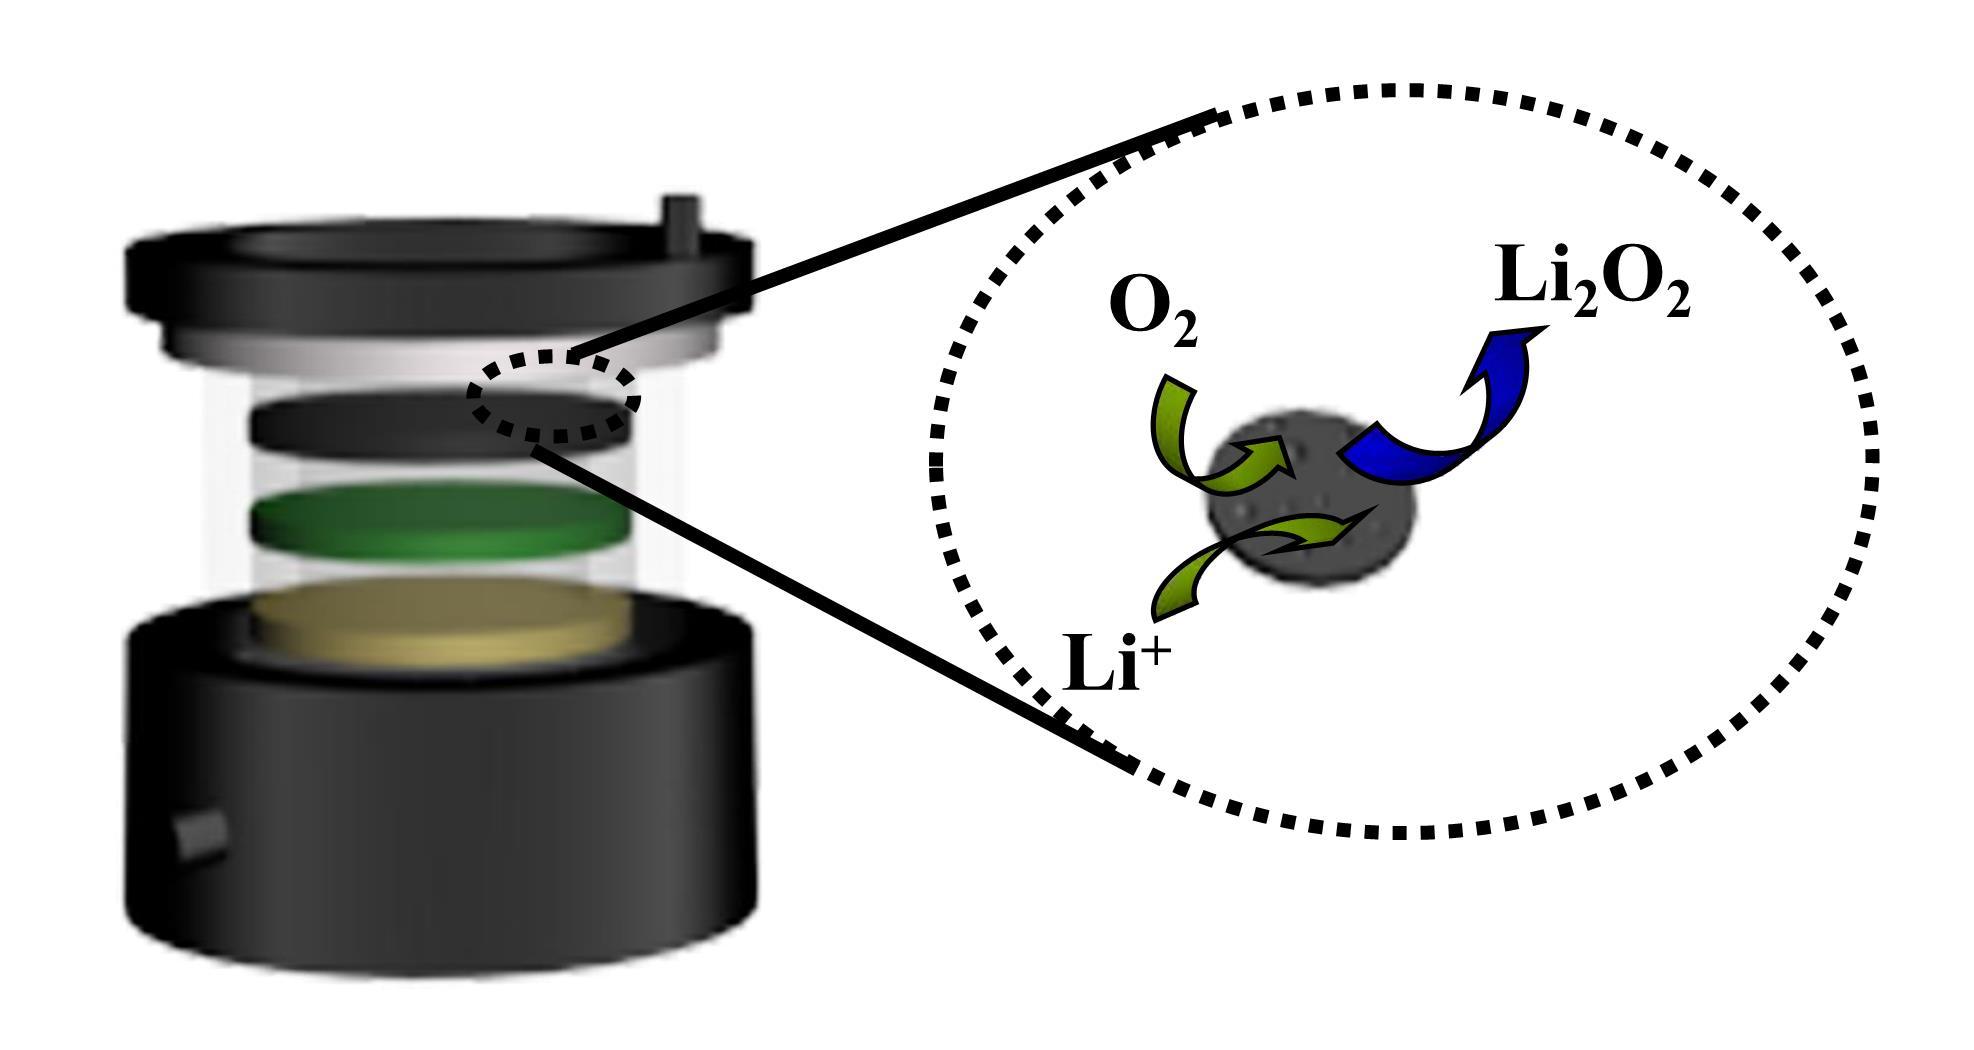 锂-氧气电池结构图